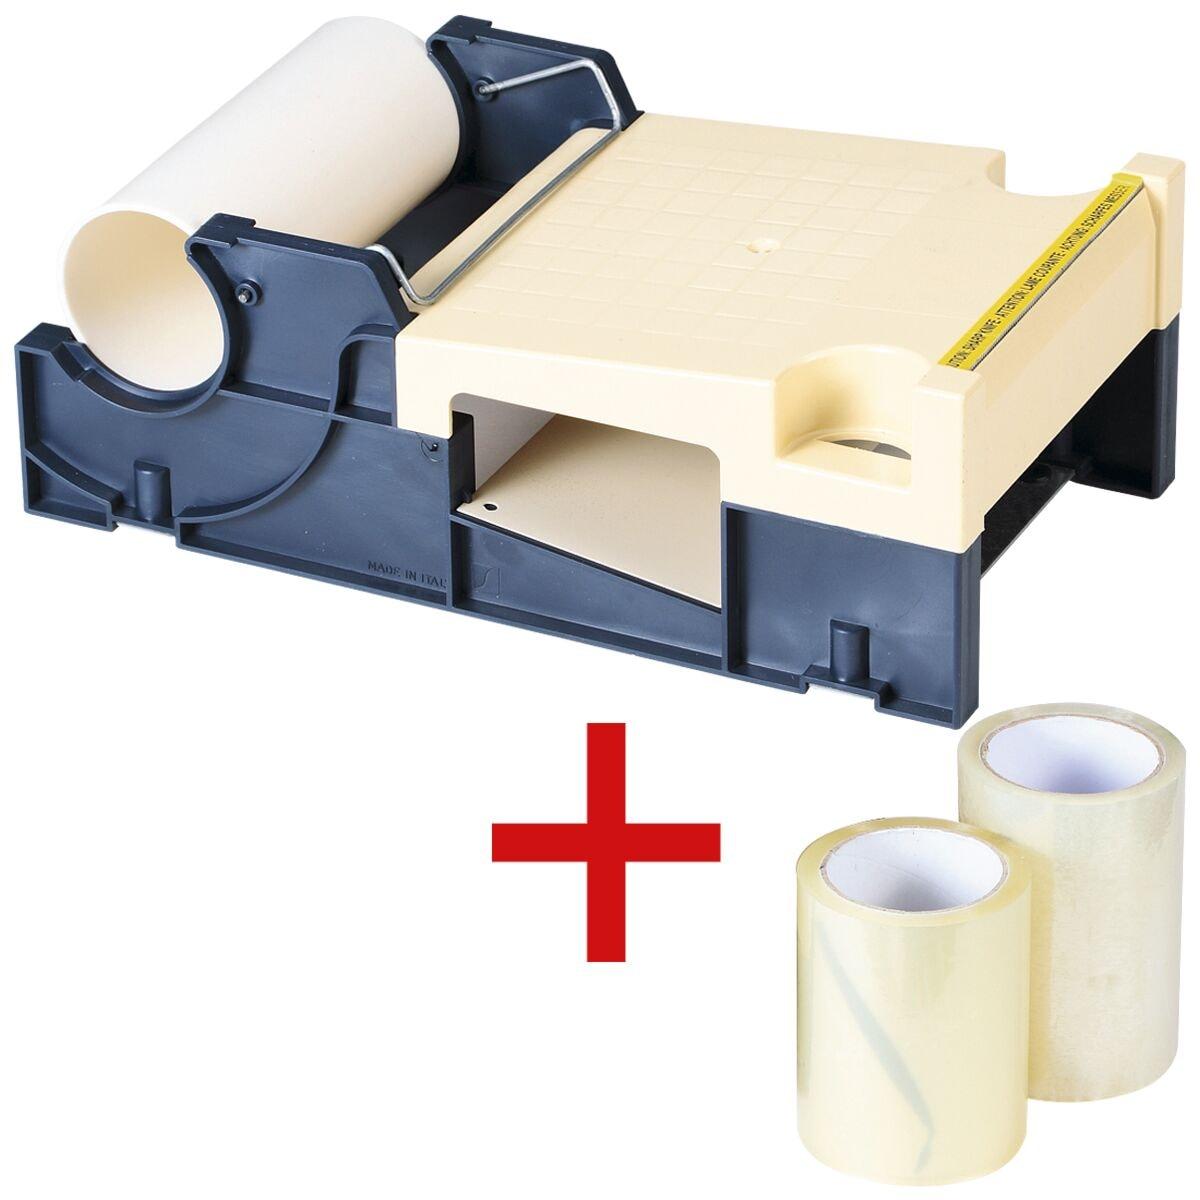 Dévidoir pour système de protection d'étiquettes avec 2 rouleaux de film de protection